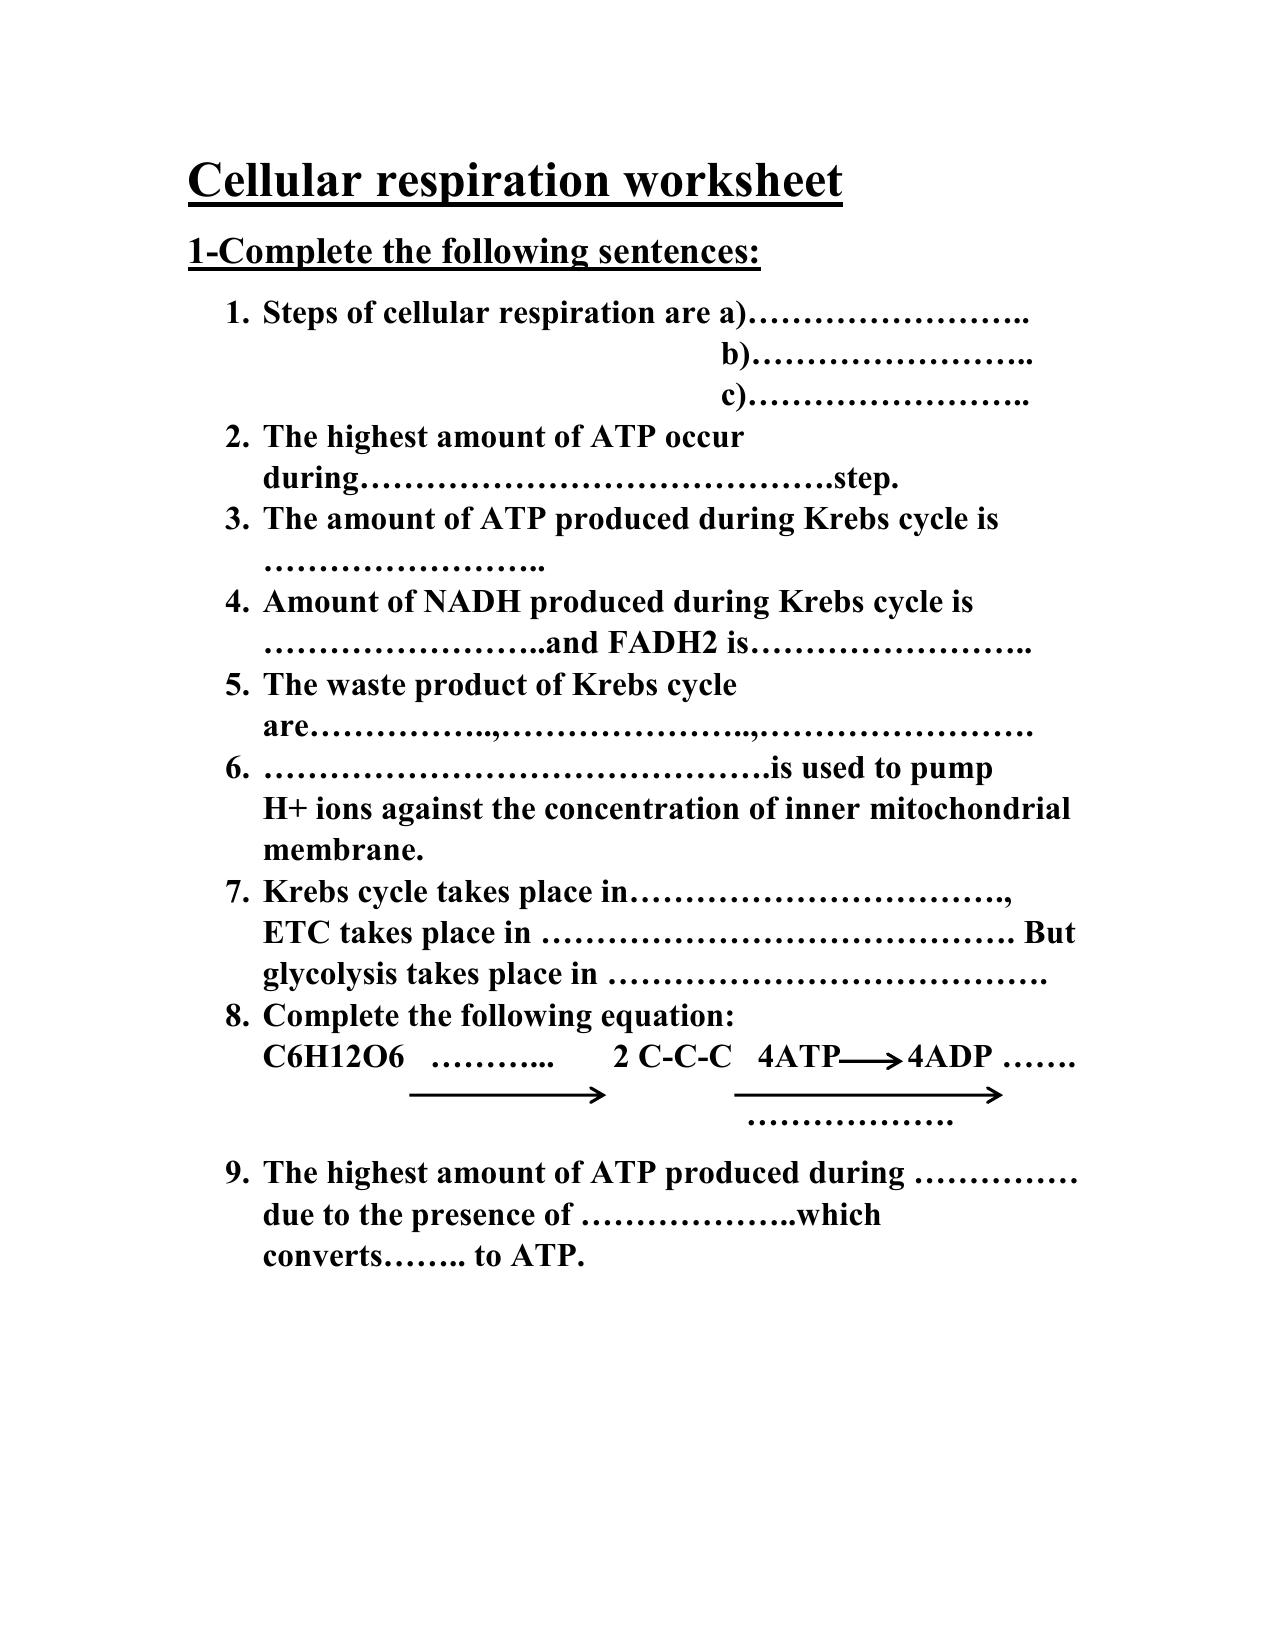 Cellular Respiration Worksheet